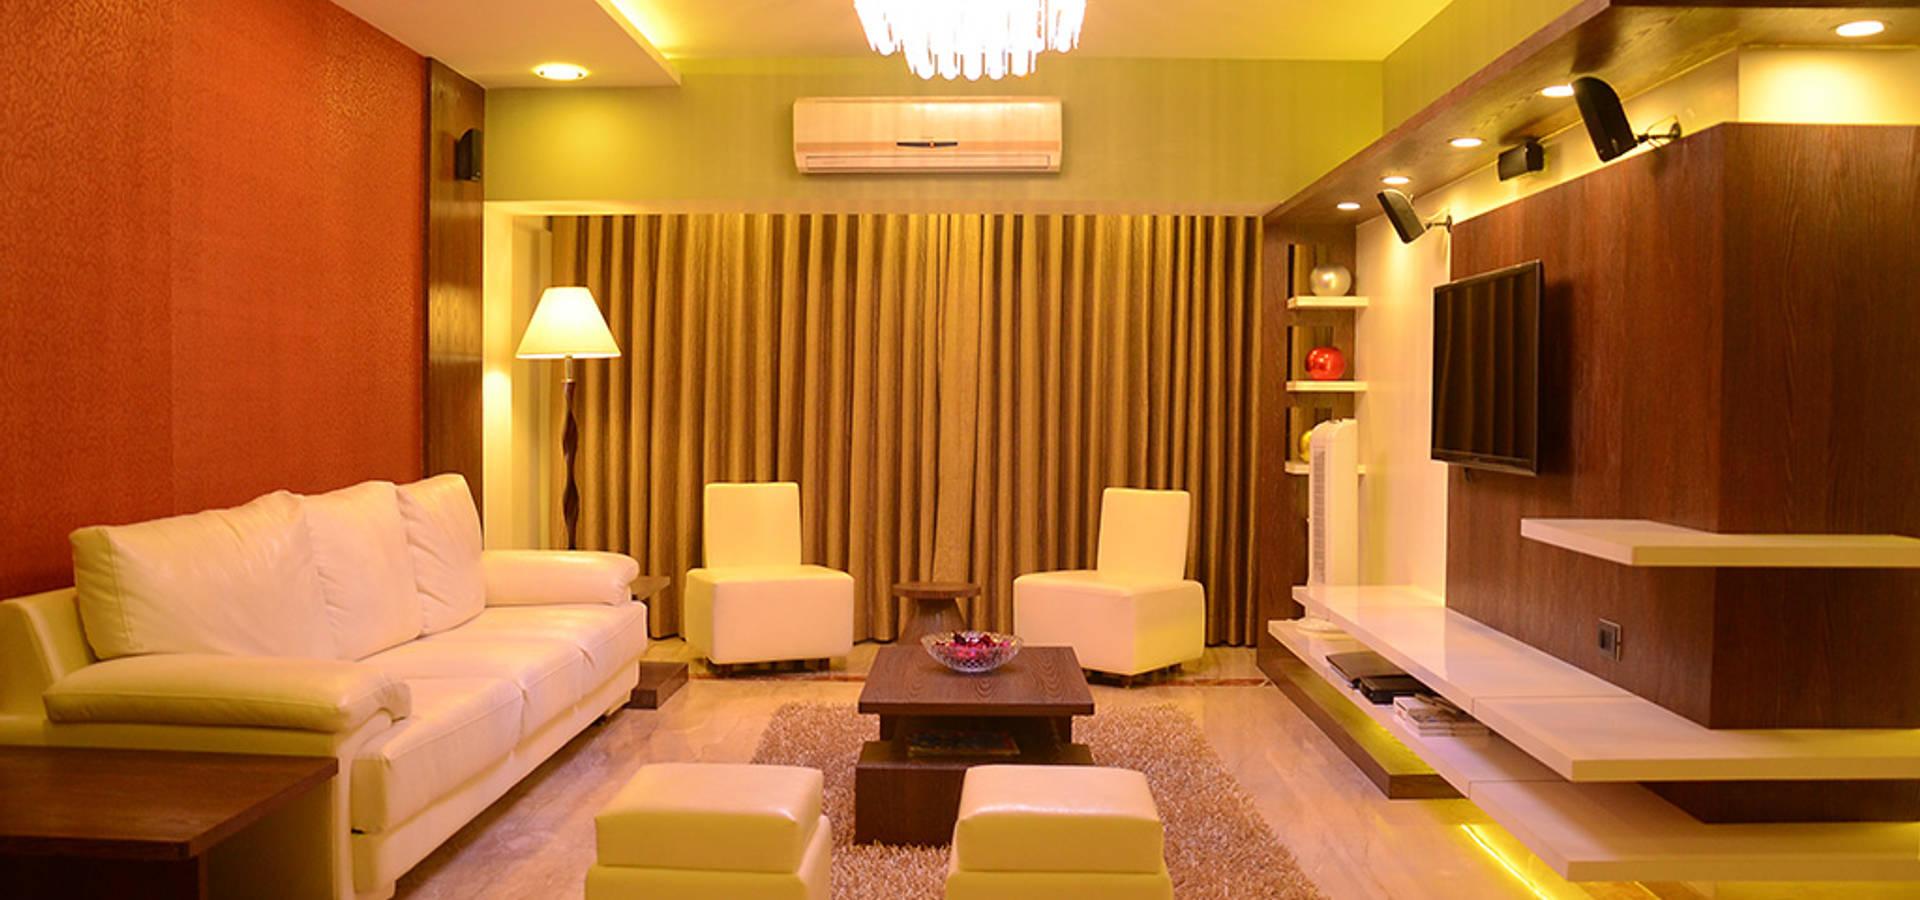 Aesthos Interior Design and Consultancy